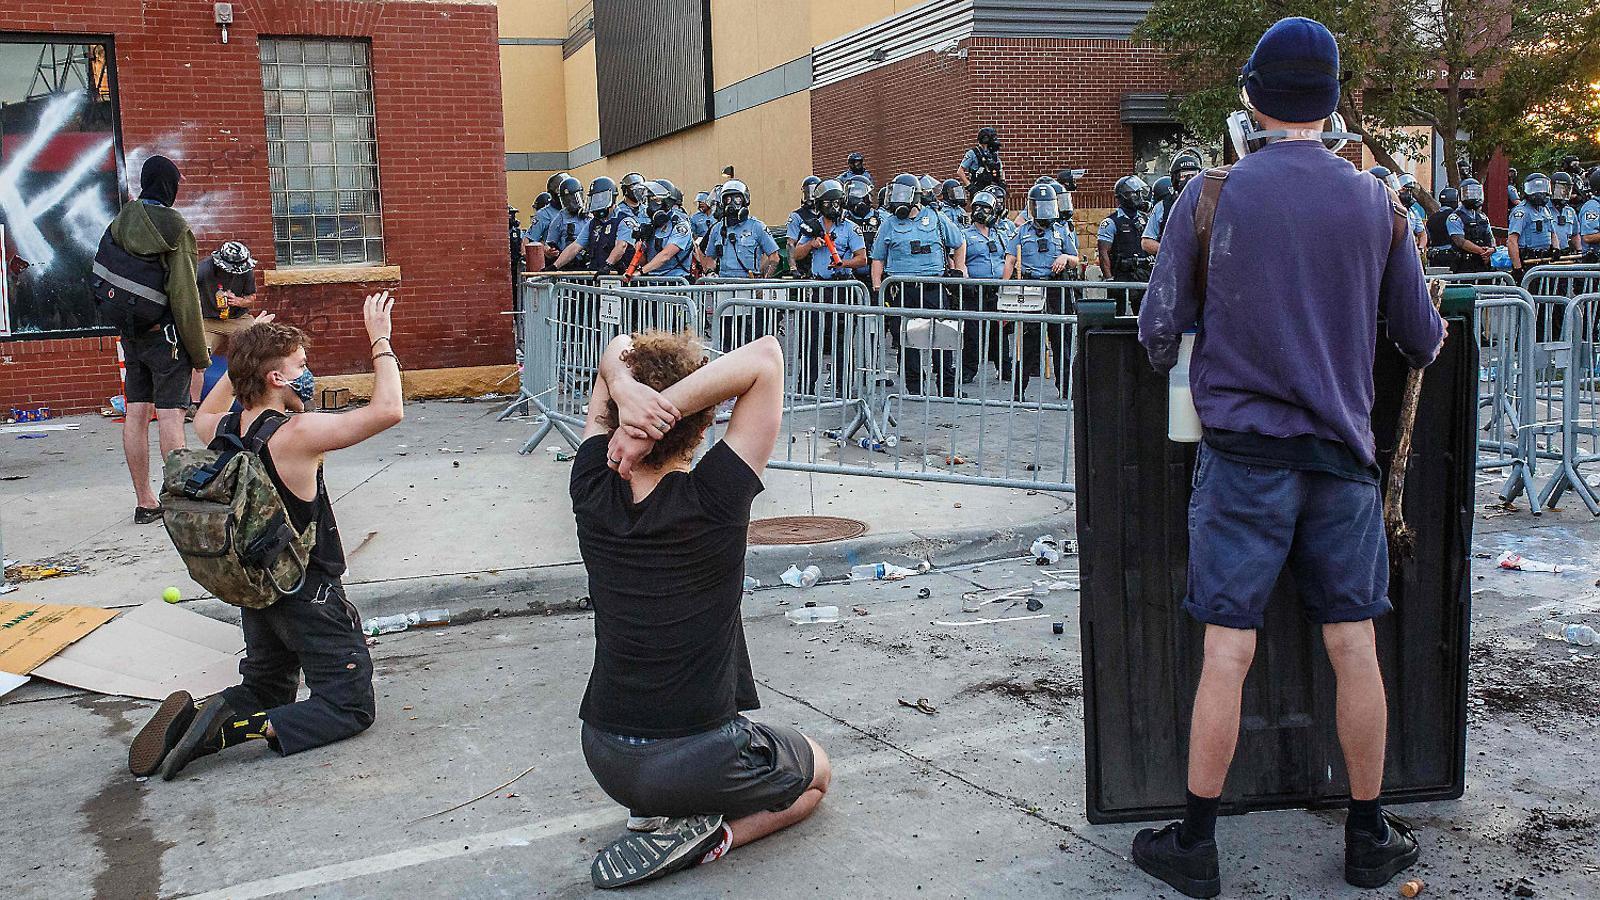 Punys alçats i genolls a terra per denunciar el racisme